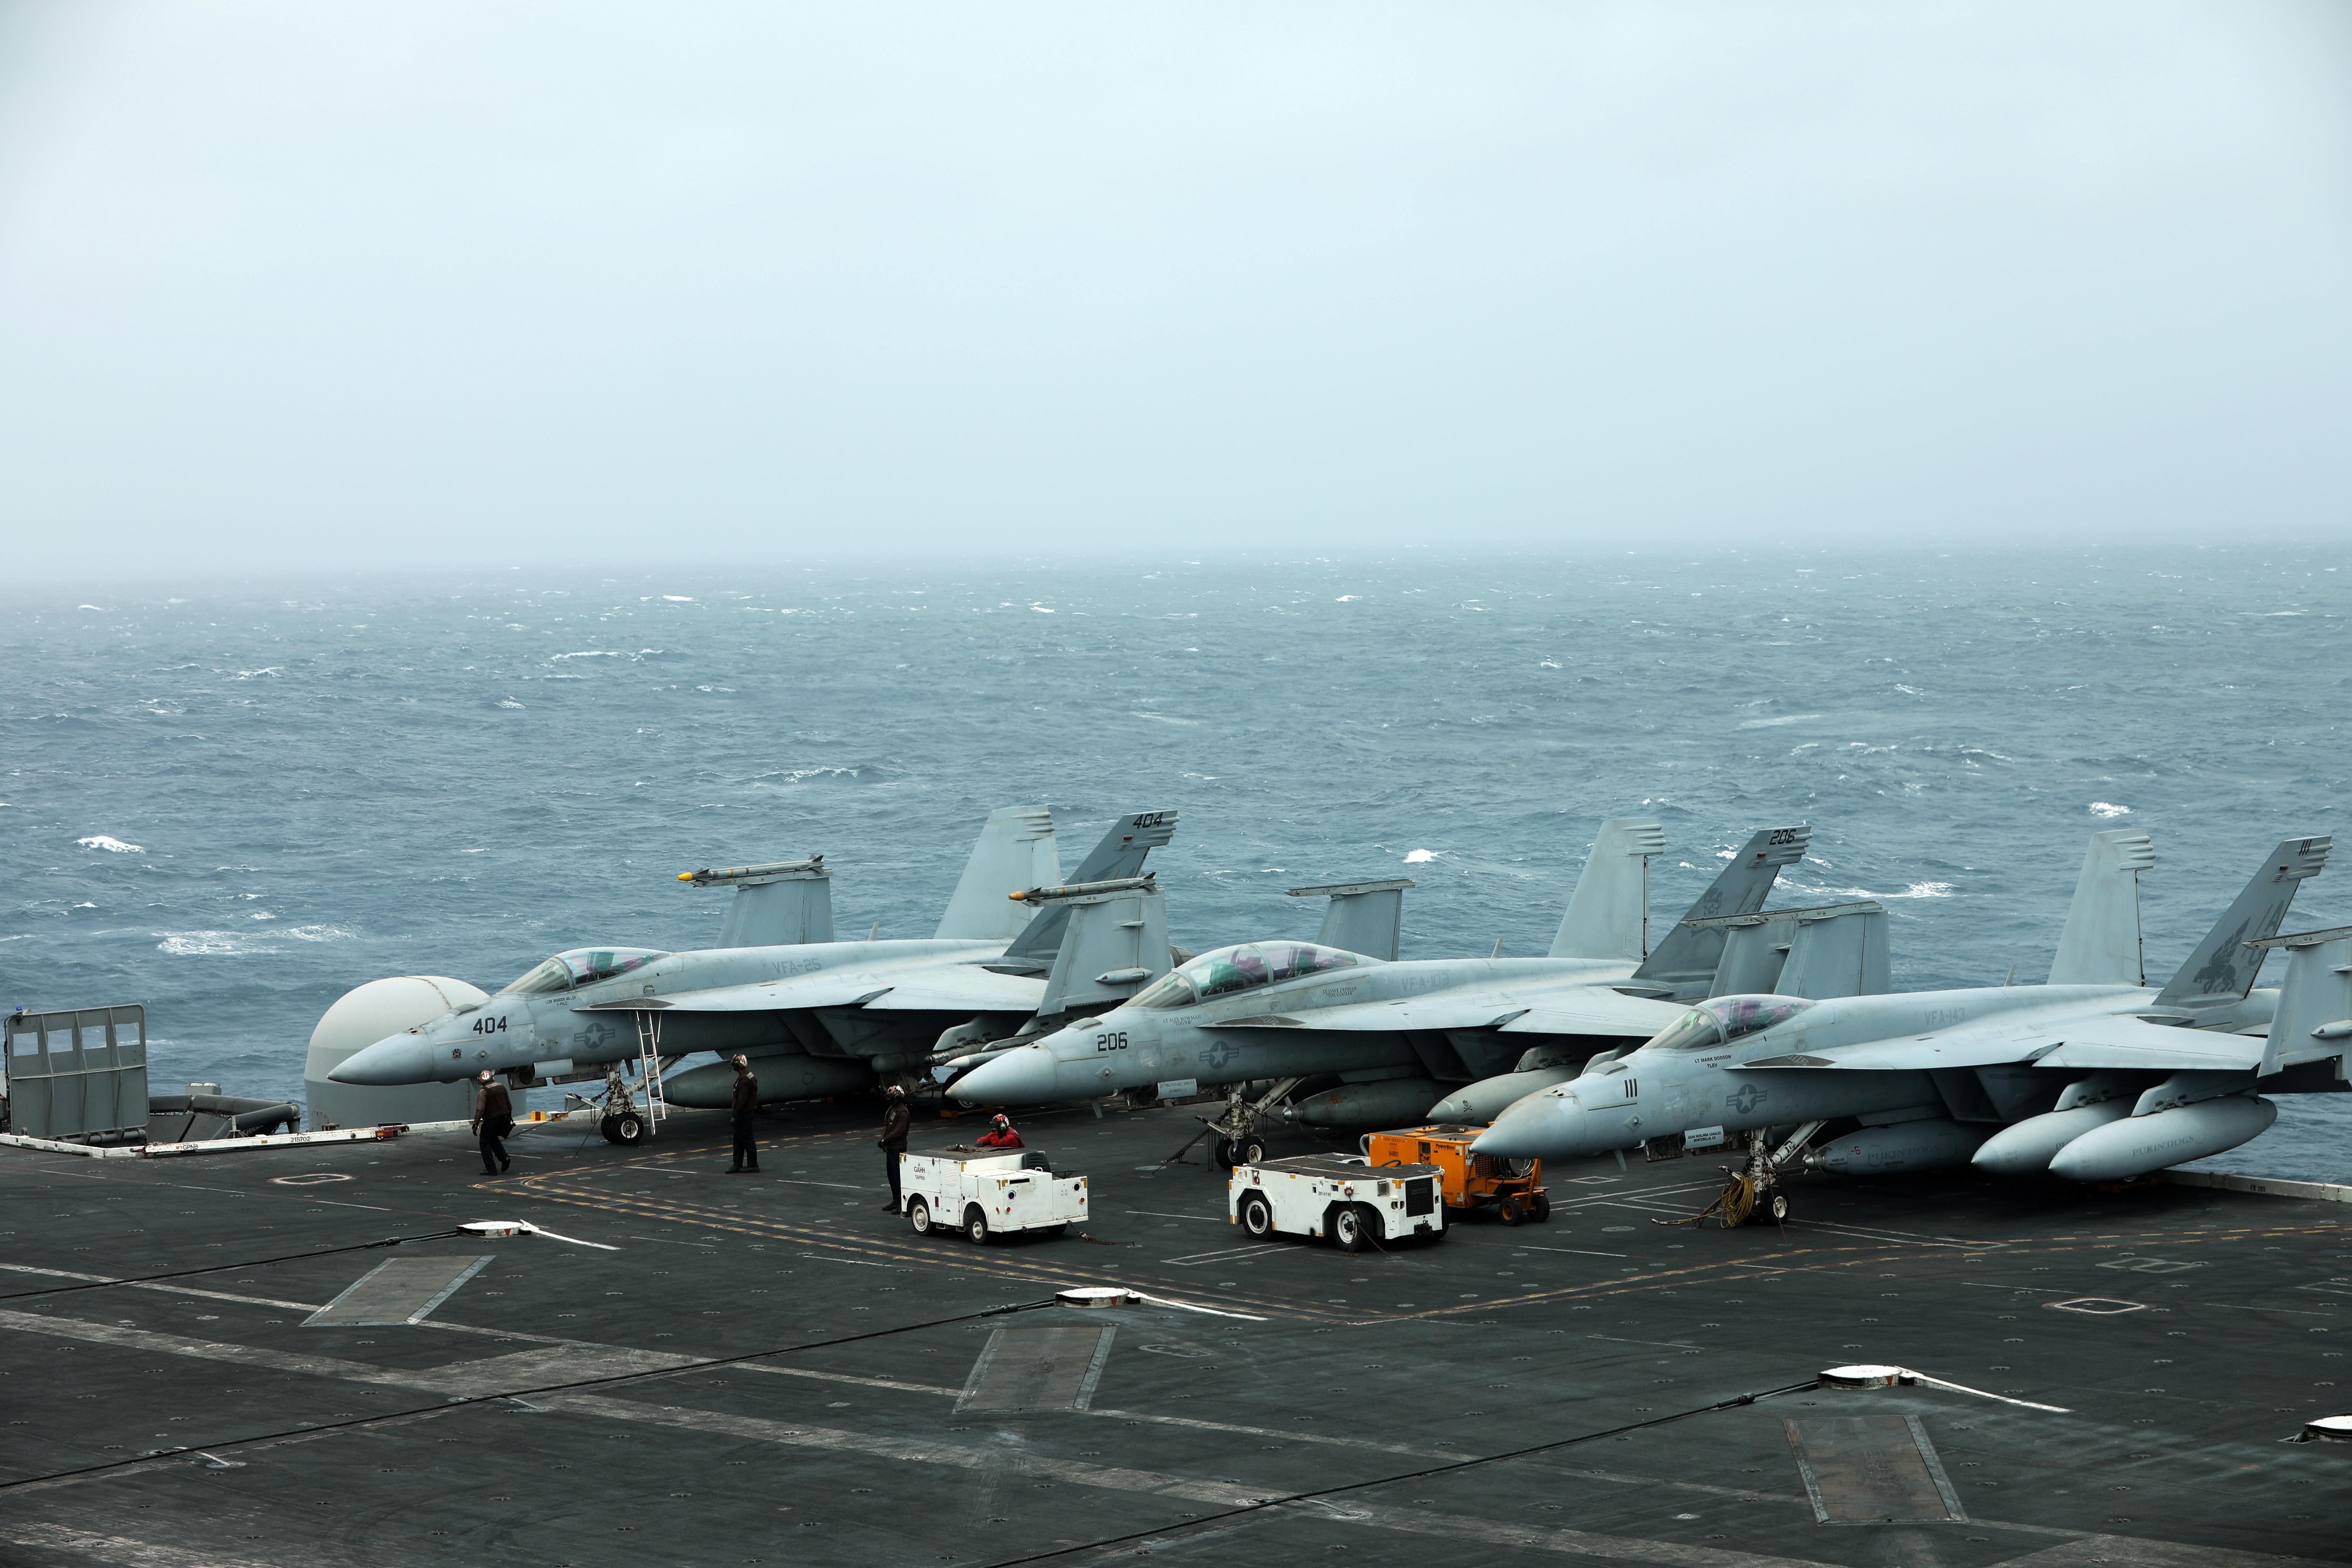 """""""Σύννεφα πολέμου"""" στον Κόλπο! Αγωνία για το Βρετανικό τάνκερ που αιχμαλώτισε το Ιράν - """"Δεν μπορούμε να έρθουμε σε επαφή με το πλήρωμα"""""""